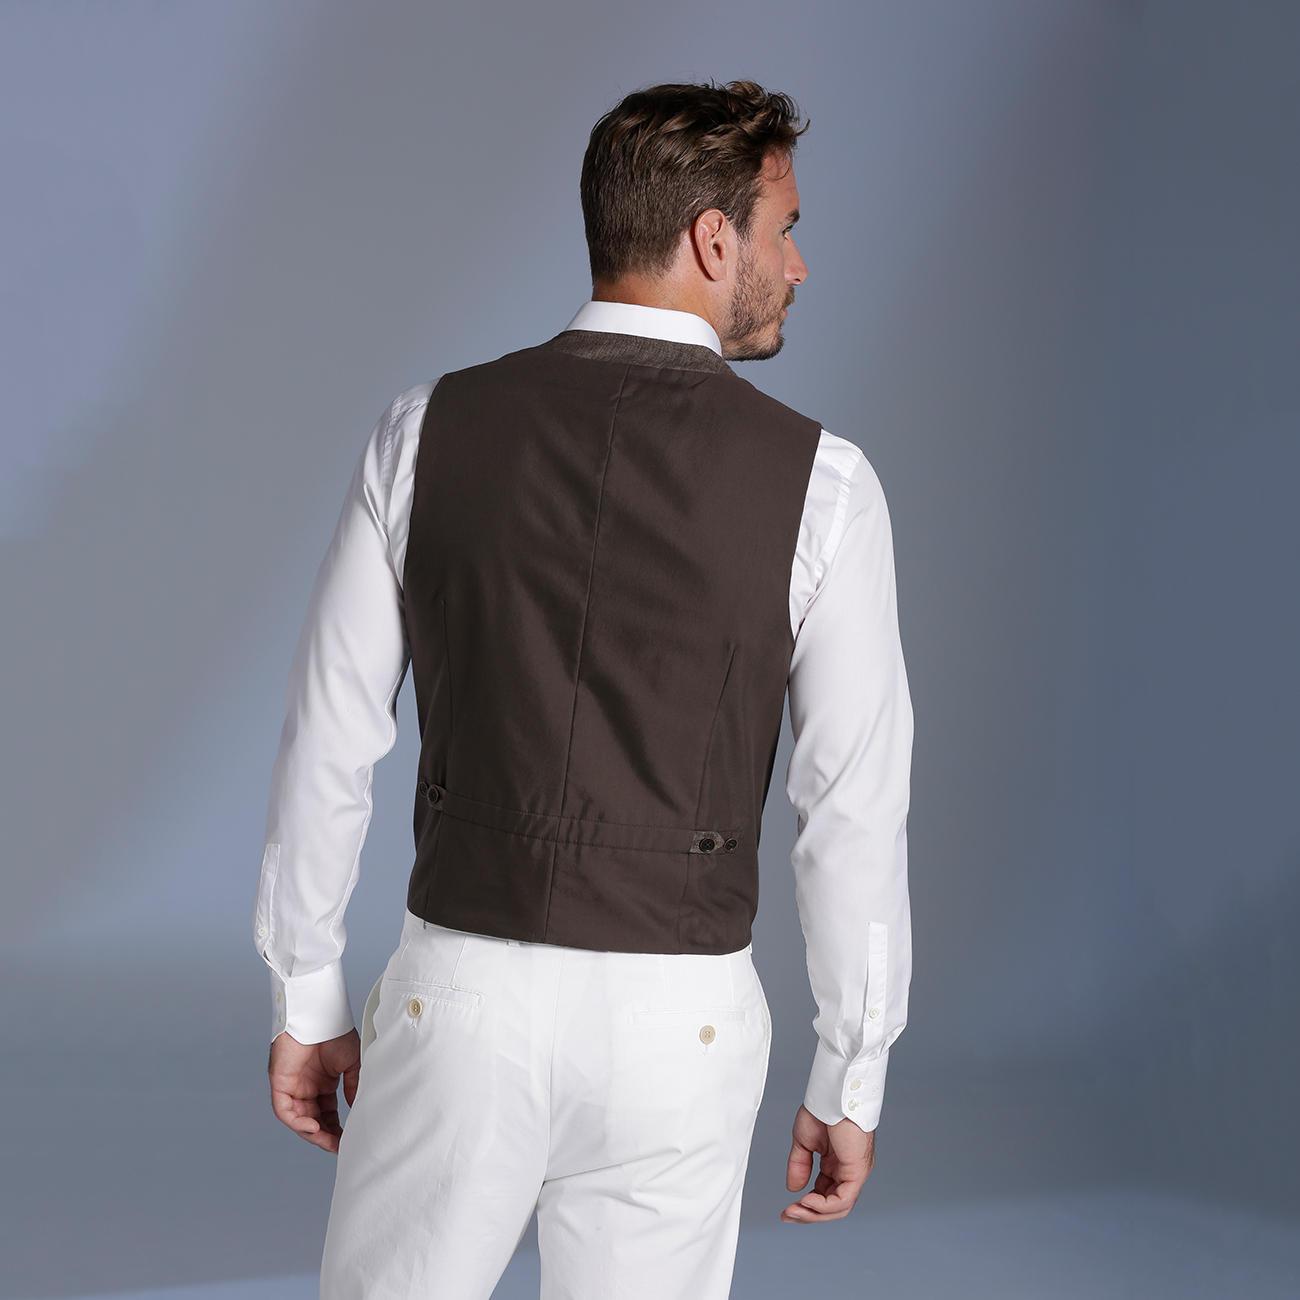 Buy Carl Gross Linen Sports Jacket Or Waistcoat Online